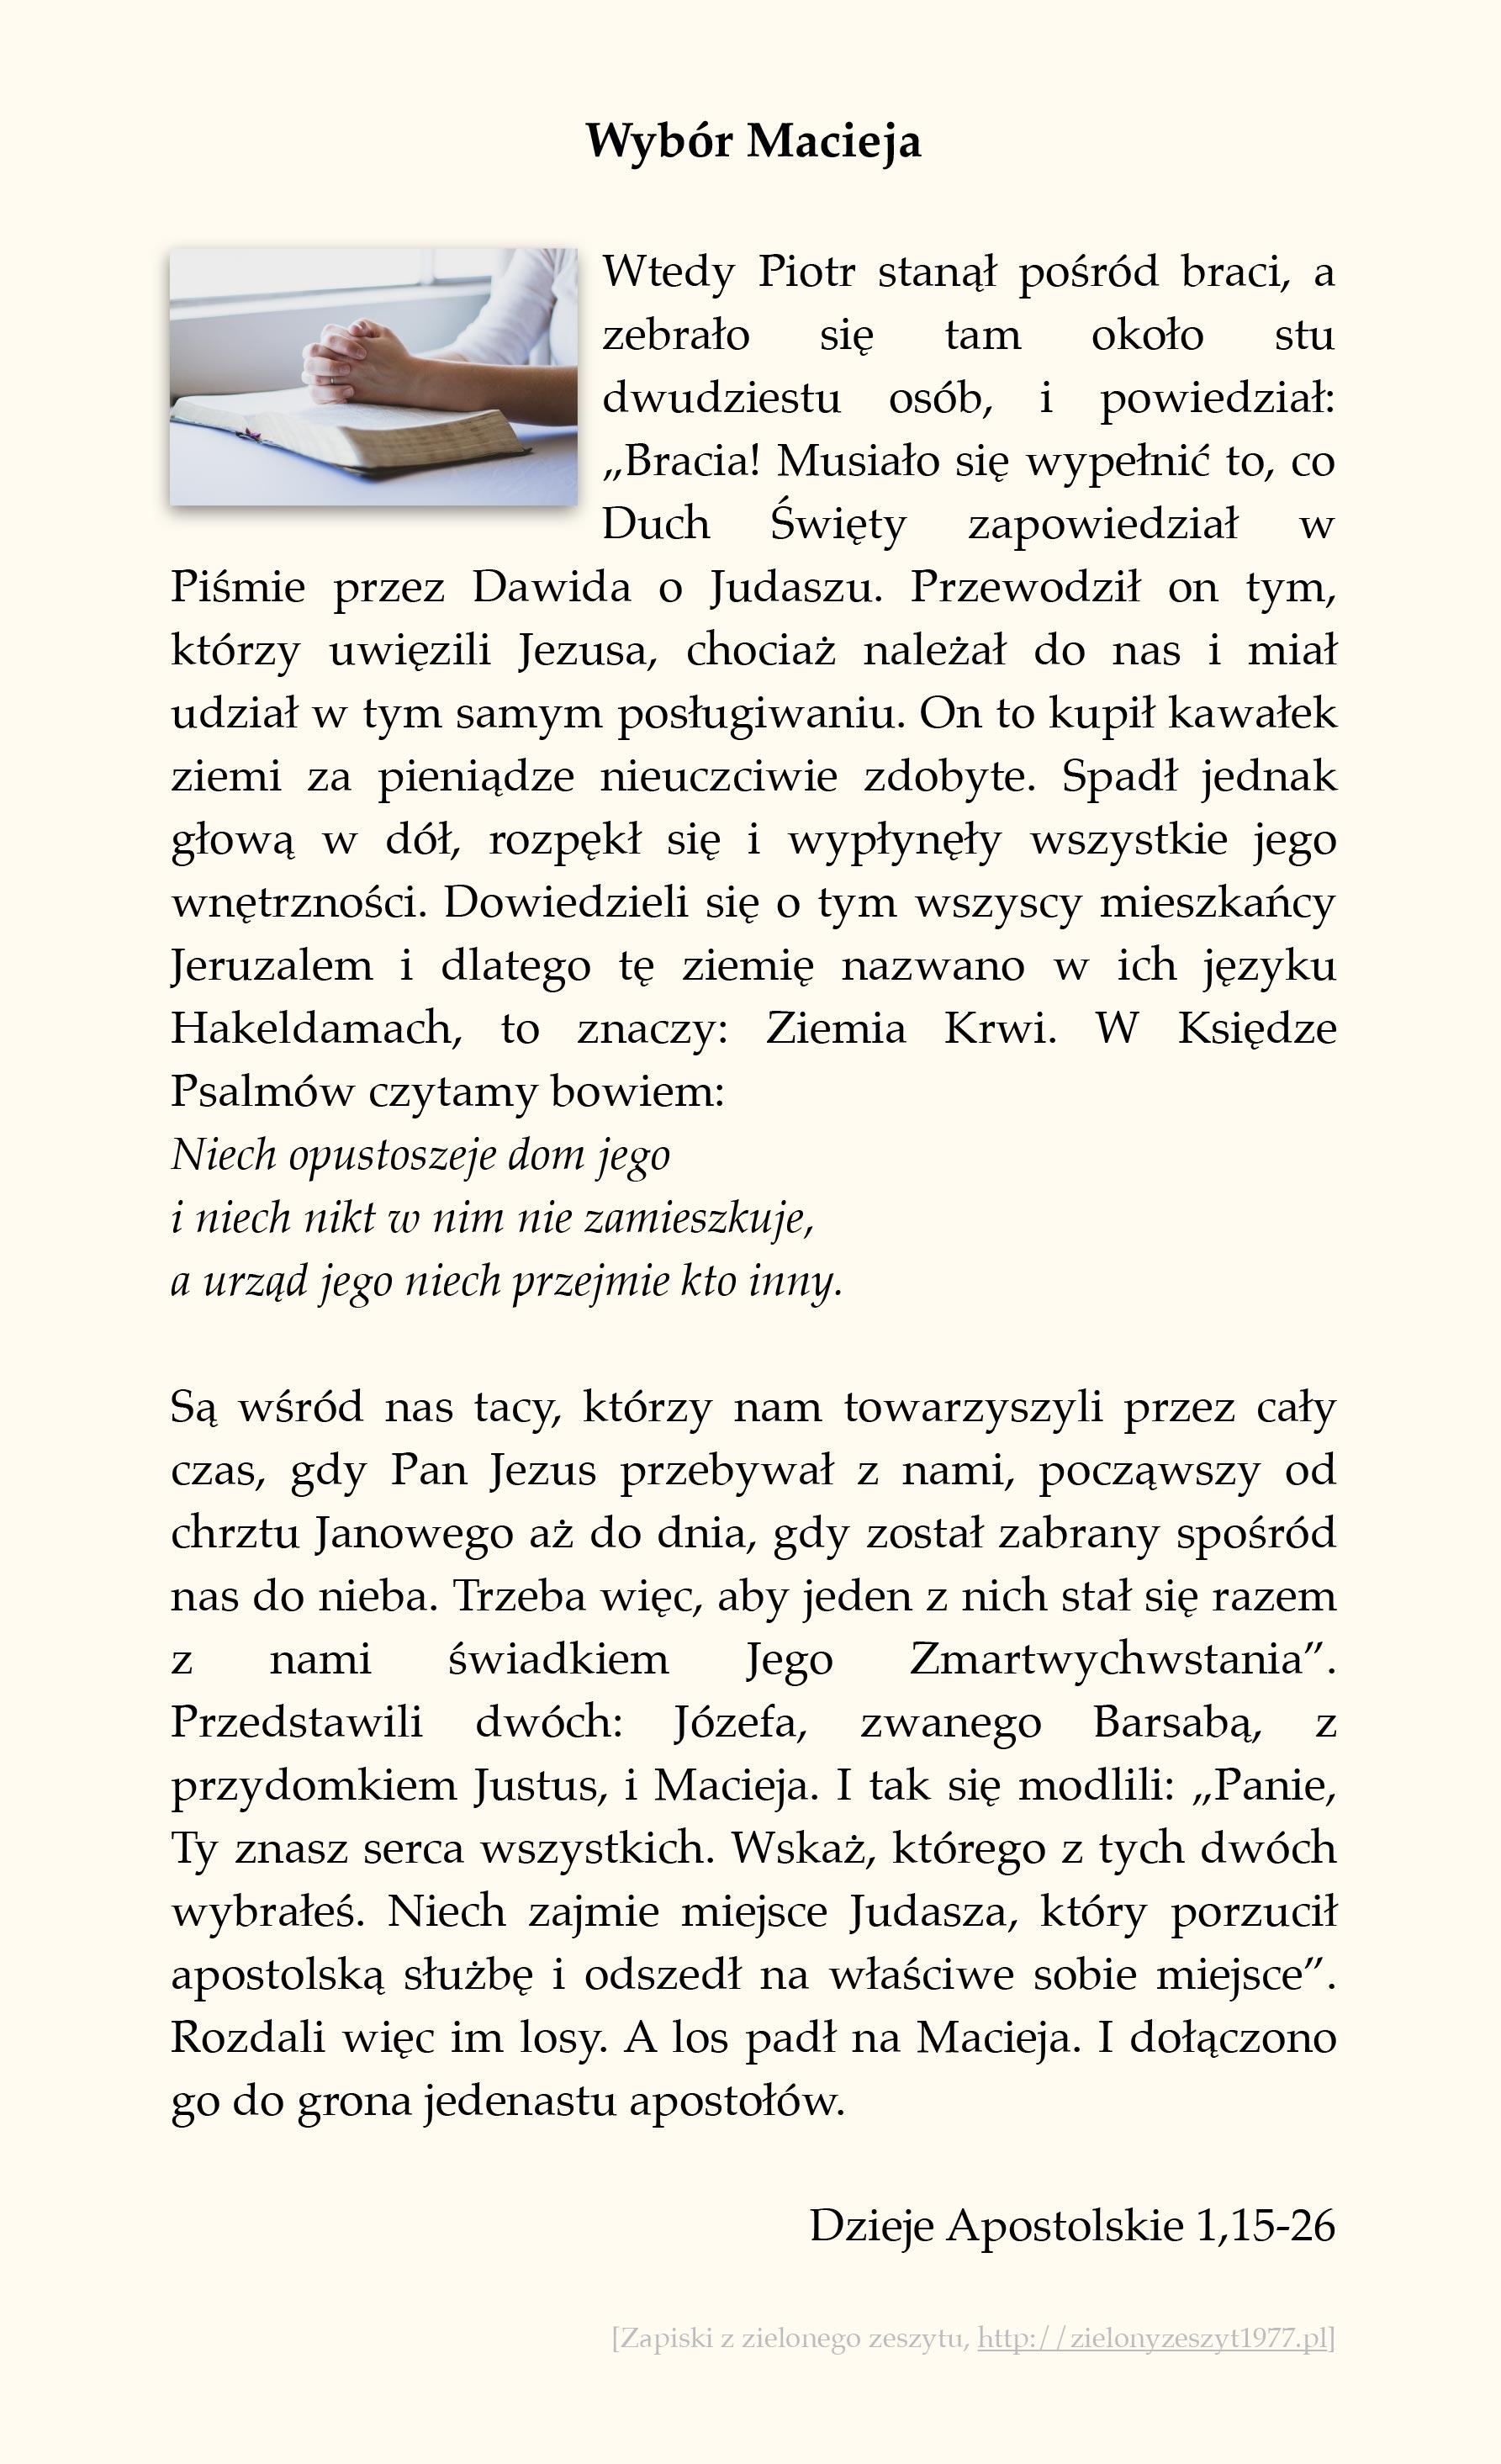 Wybór Macieja, Dzieje Apostolskie (#5)